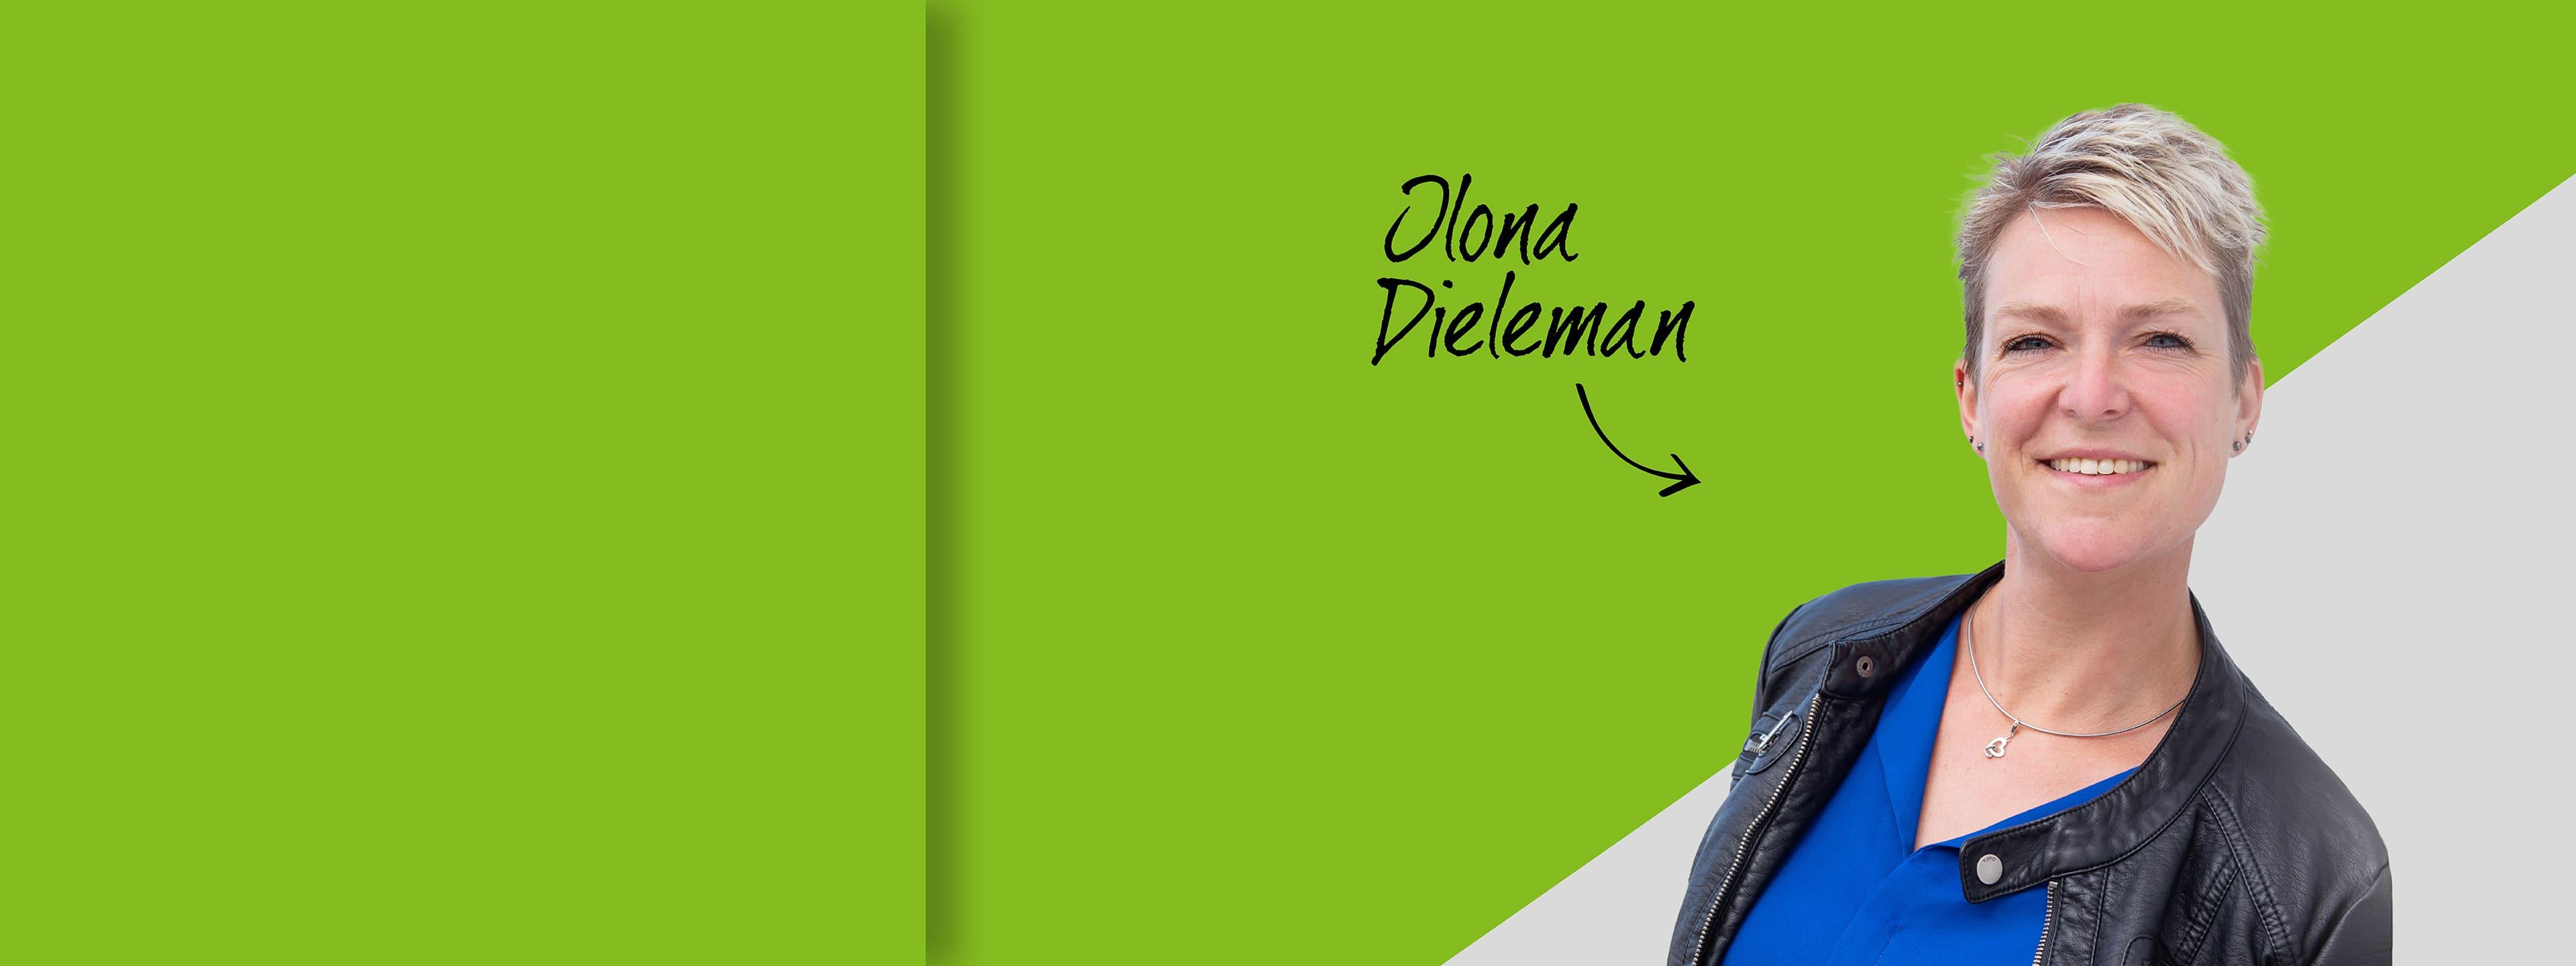 Ilona Dieleman, Flex Administratie